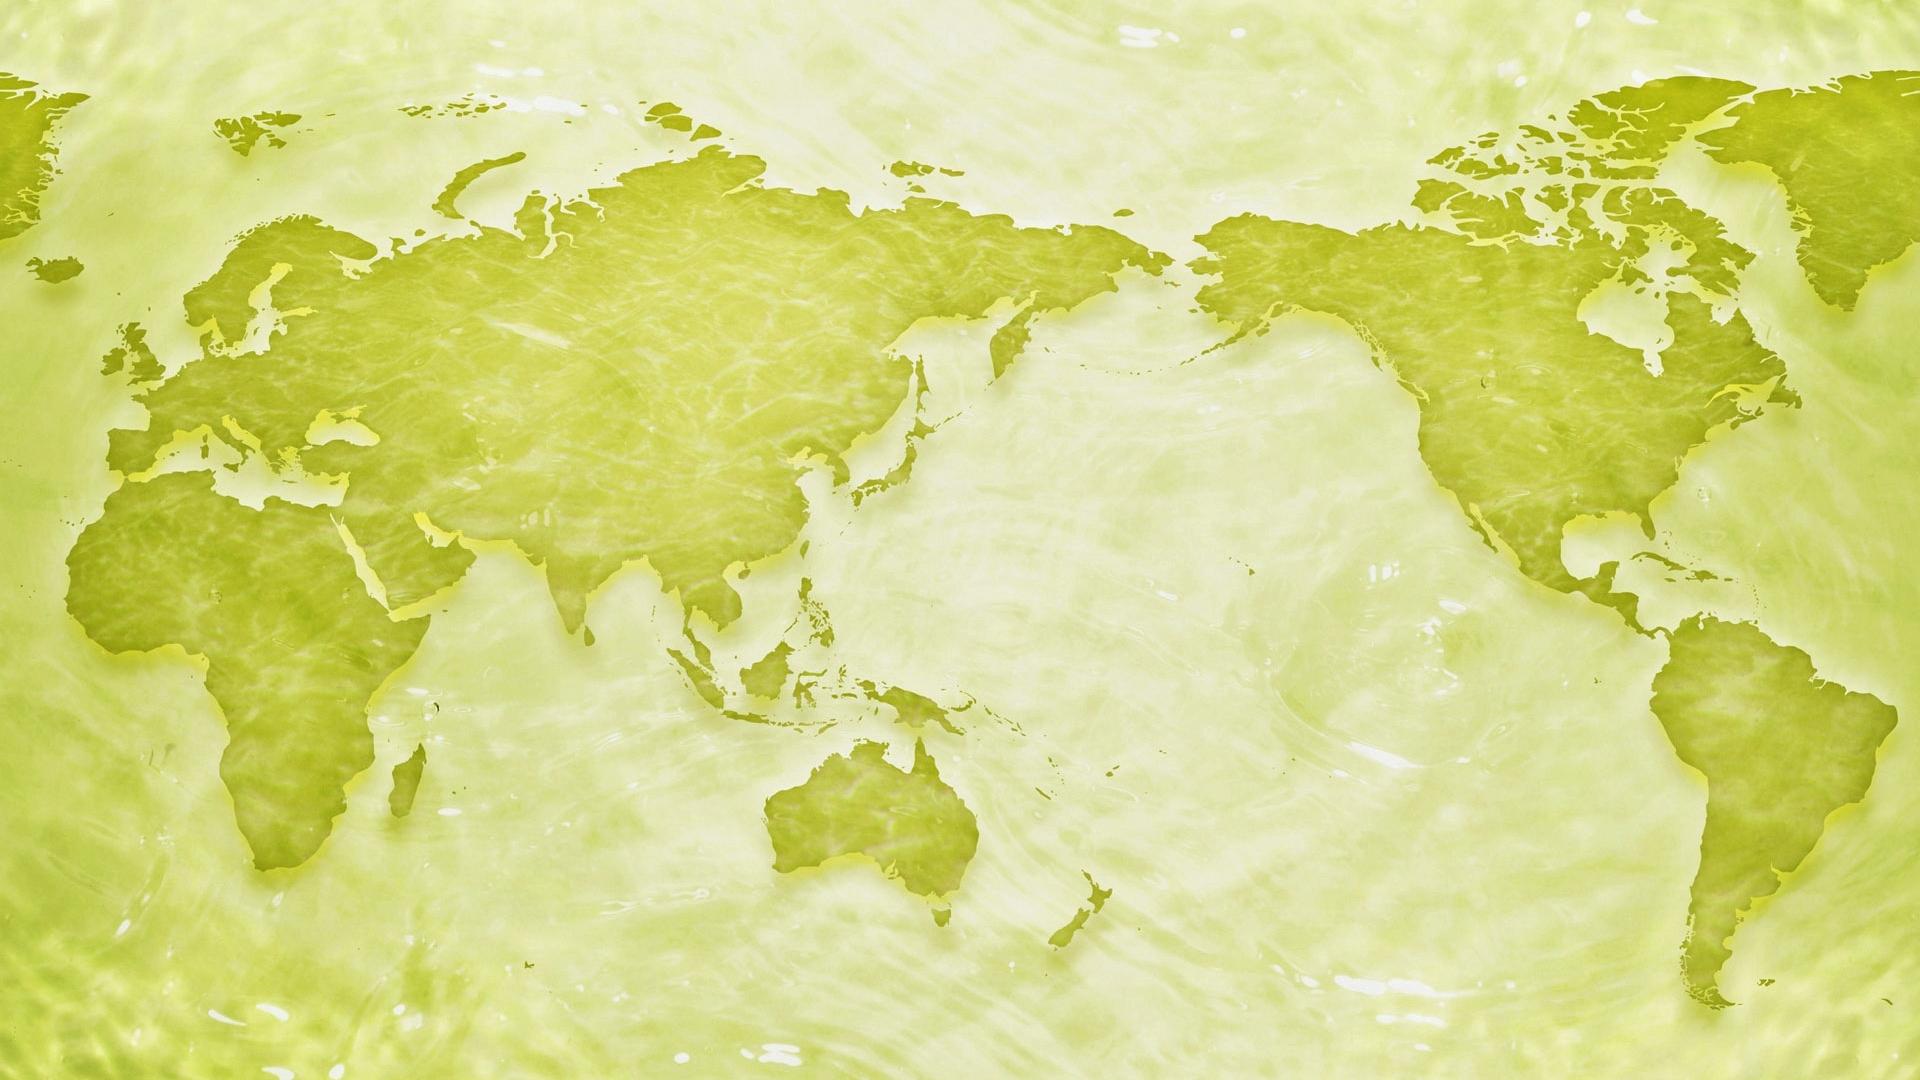 map wallpaper 47058